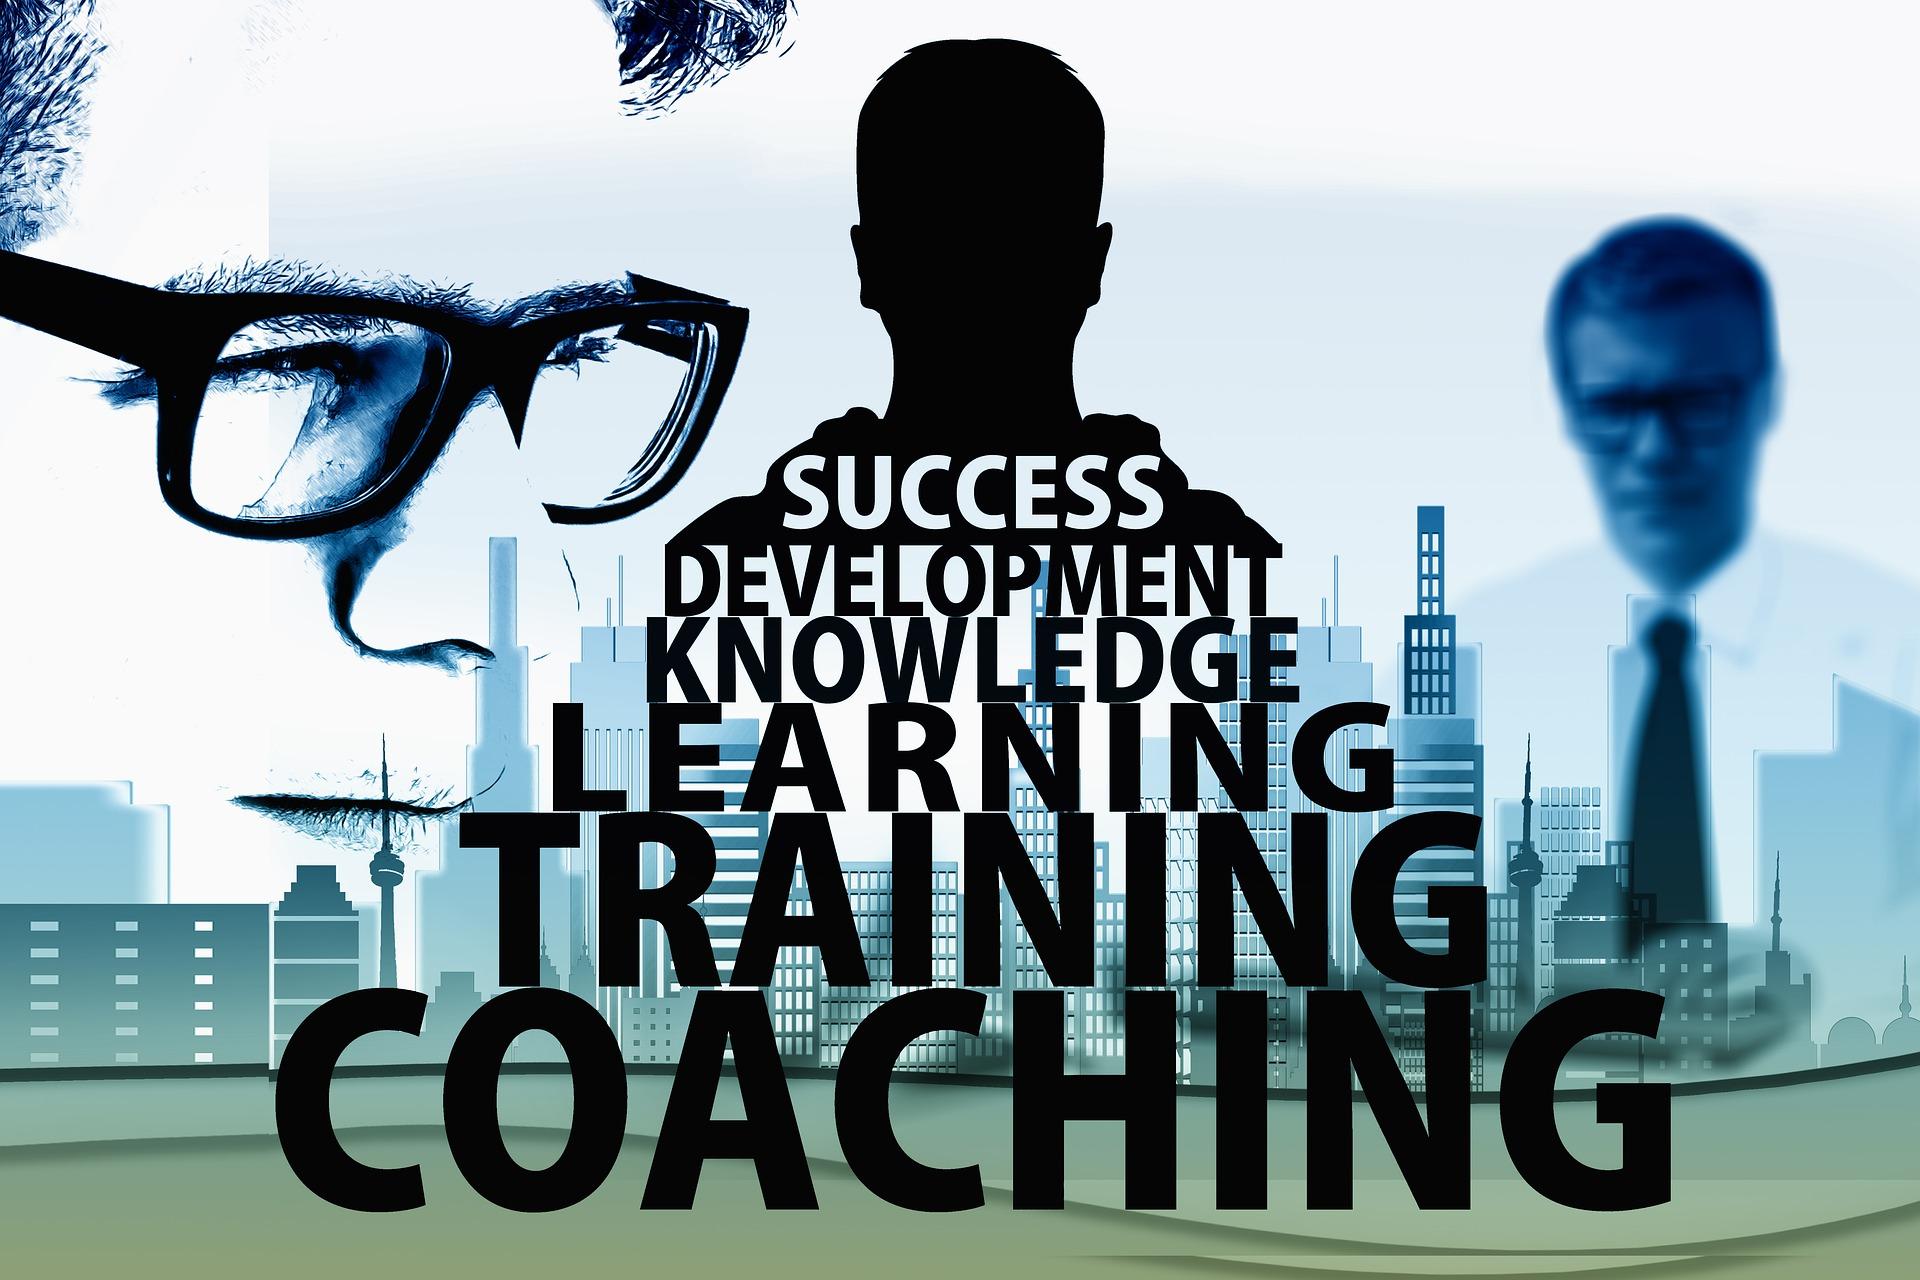 コンサルタントに必要な資格を業界ごとに紹介!取得方法や難易度、学歴も解説!